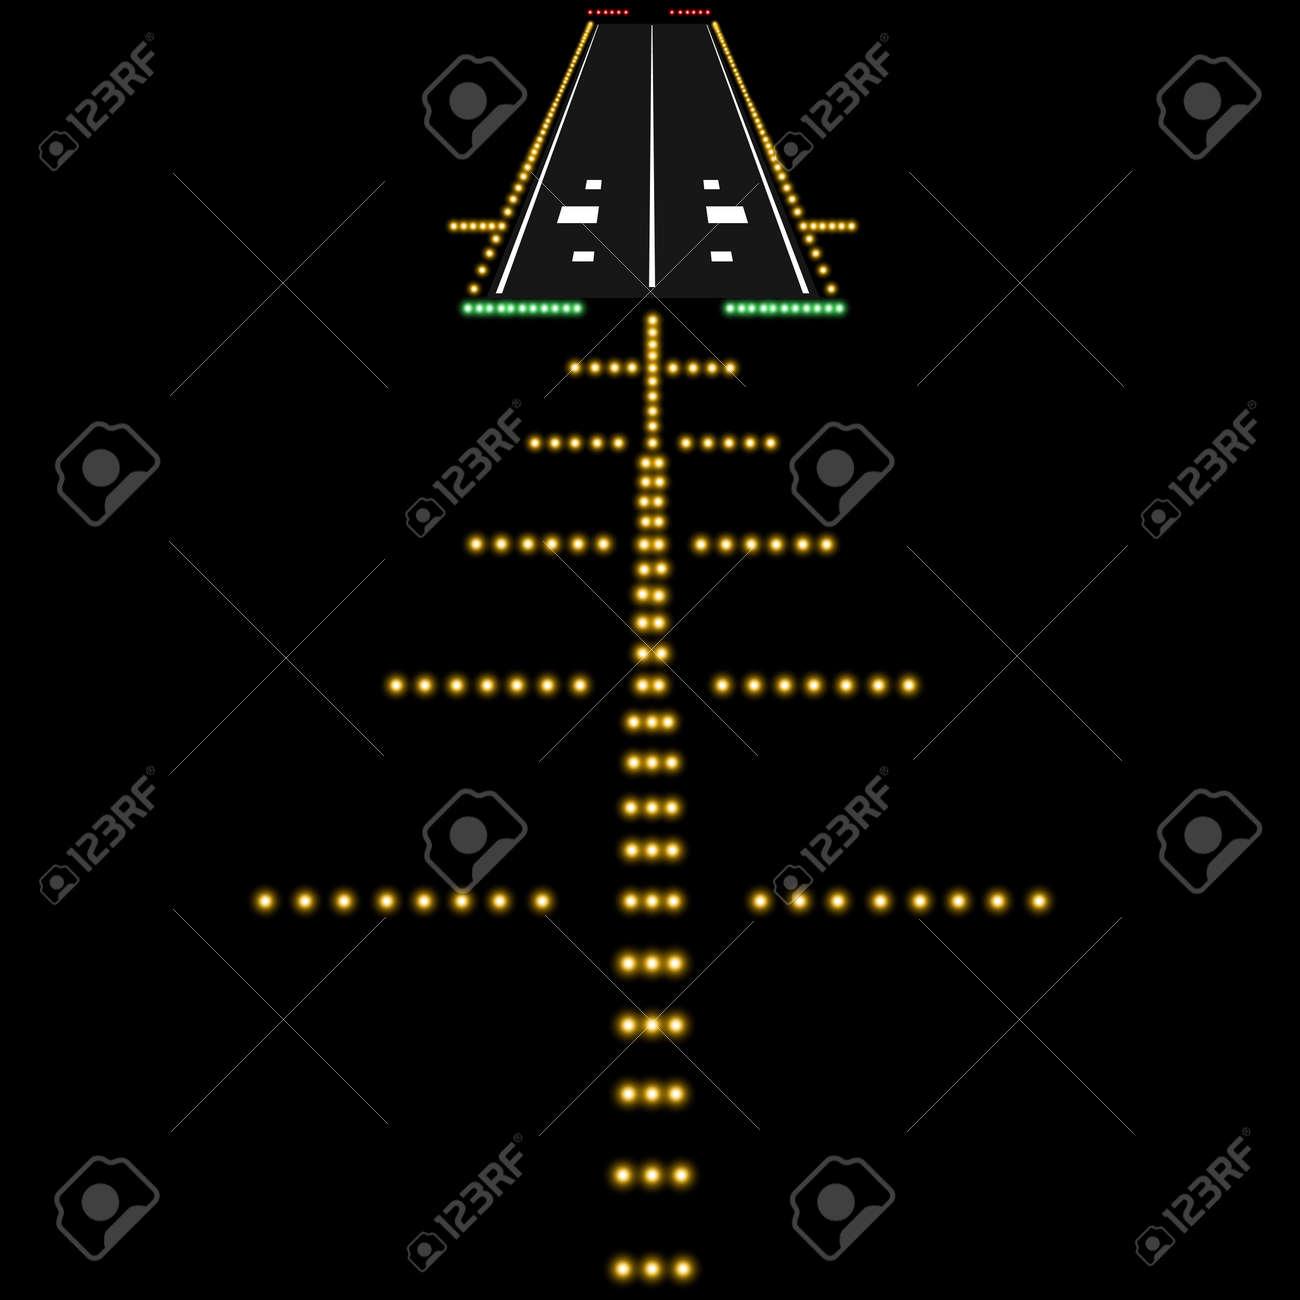 Landing lights. Vector illustration. - 22561931